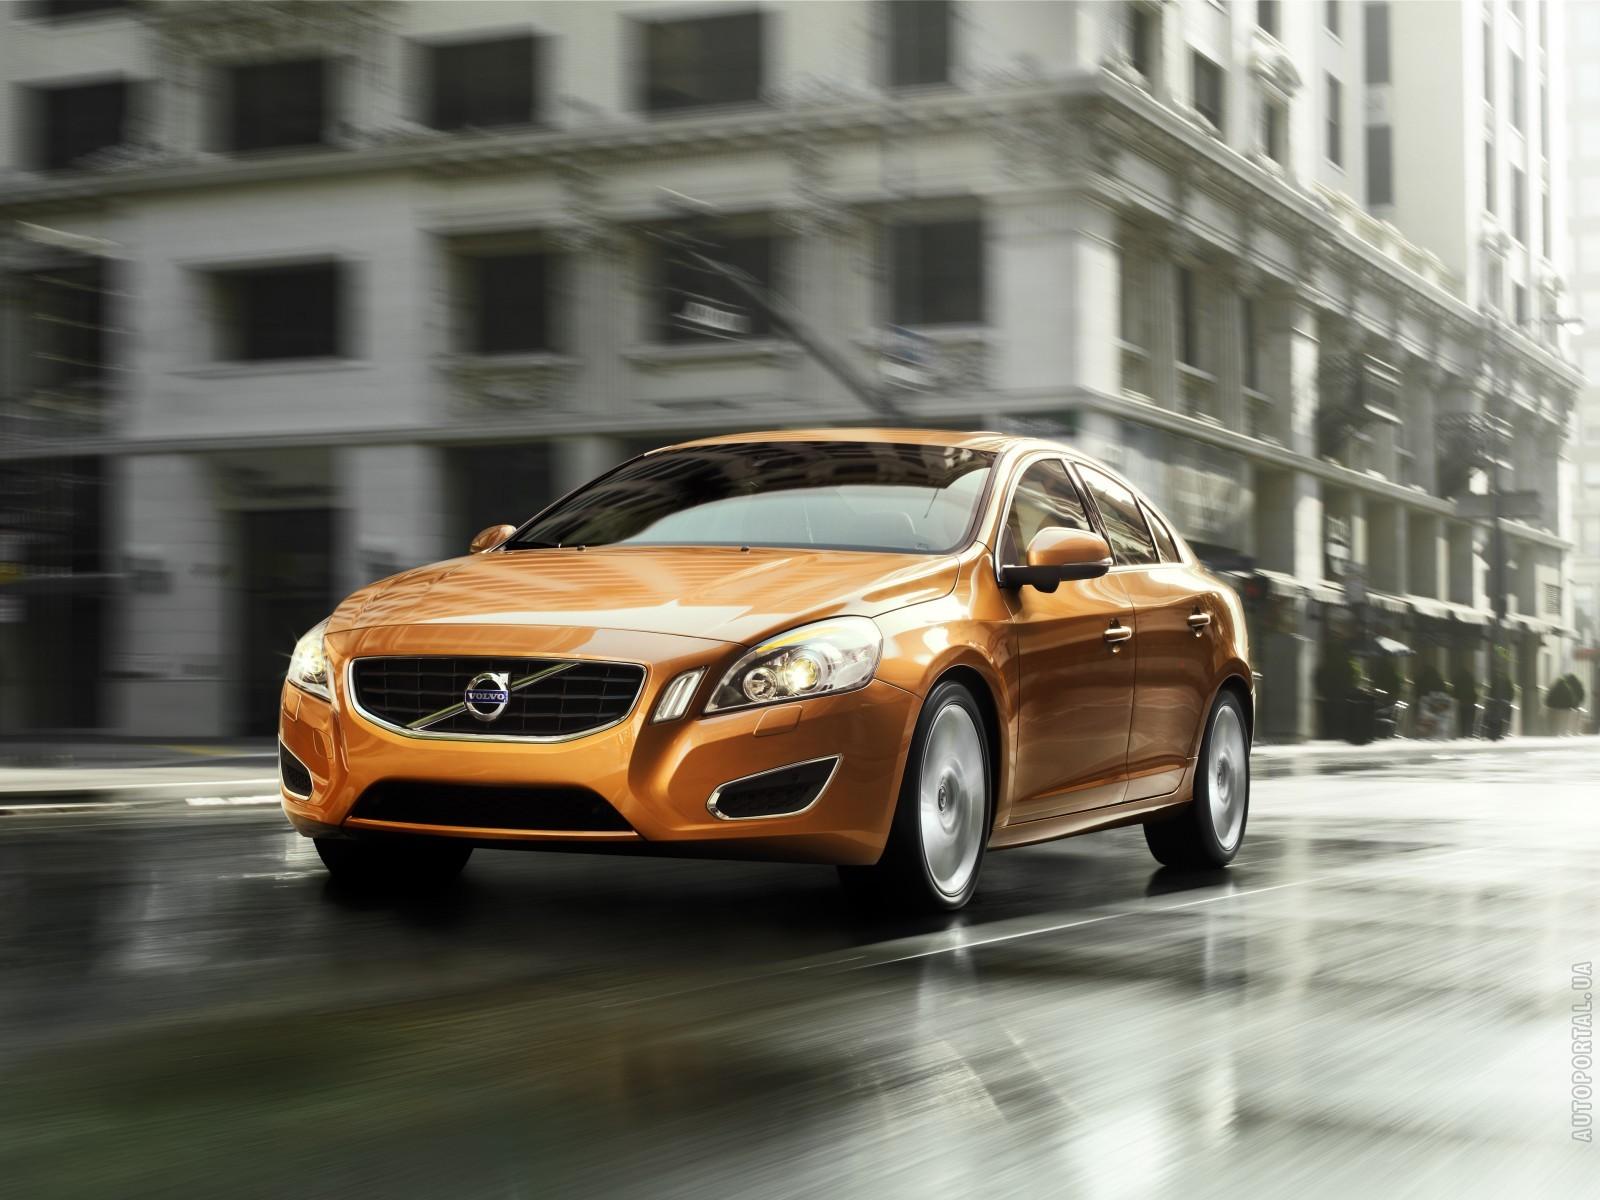 22550 скачать обои Вольво (Volvo), Транспорт, Машины - заставки и картинки бесплатно